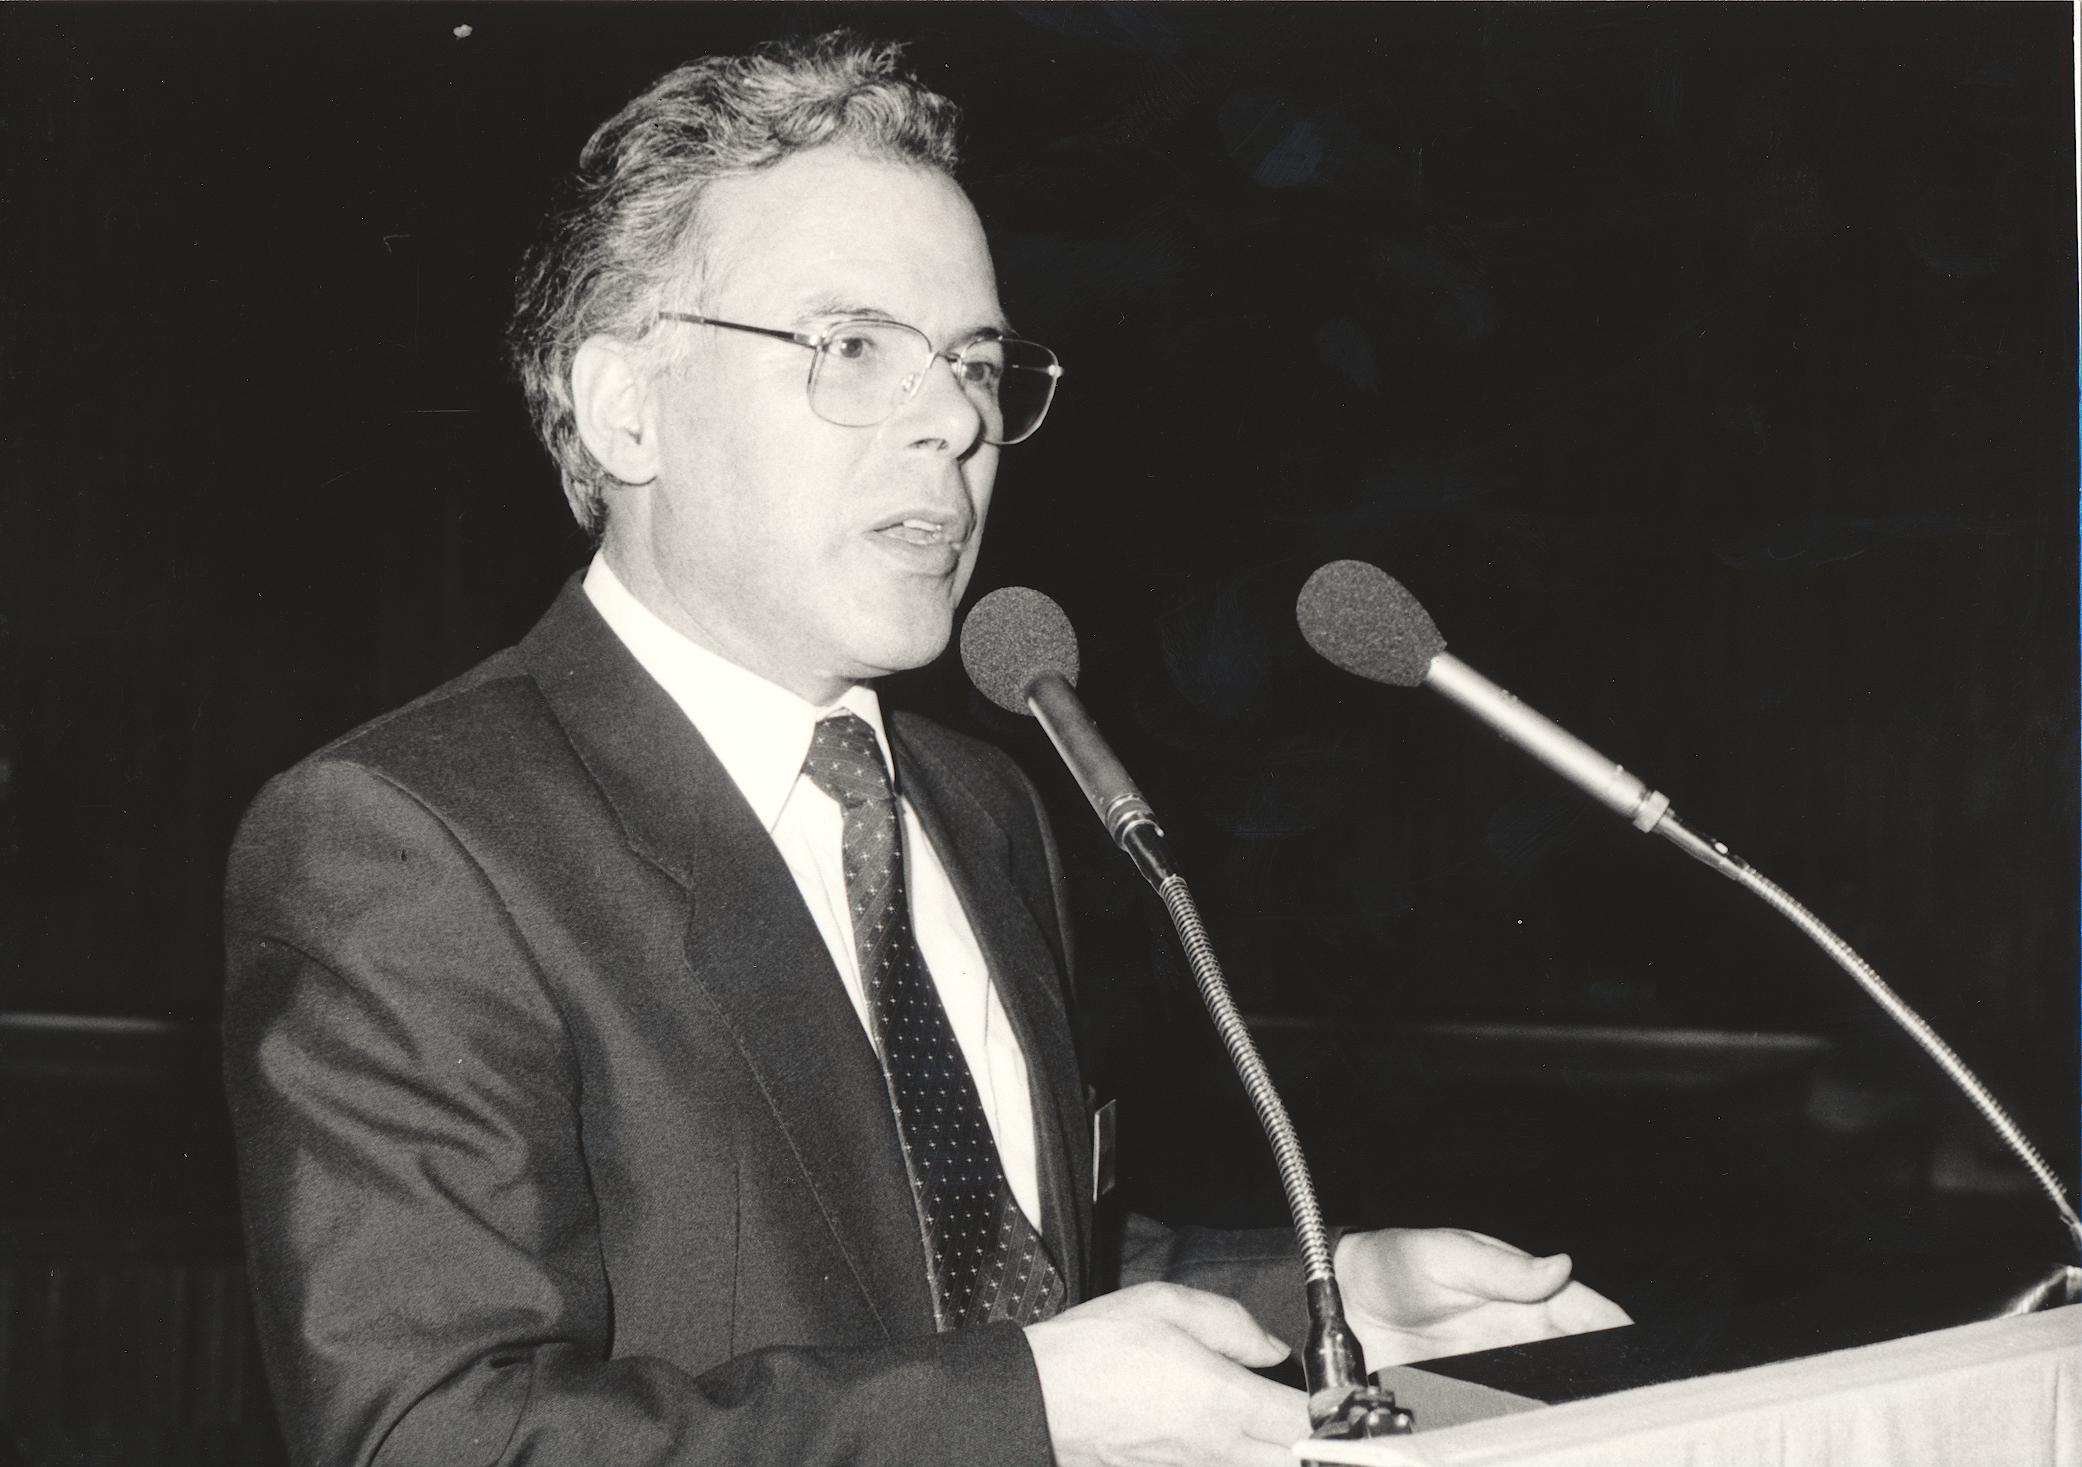 VIII. Internat. Imago Mundi-Kongress 1980, Innsbruck, Prof. DDr. Andreas Resch